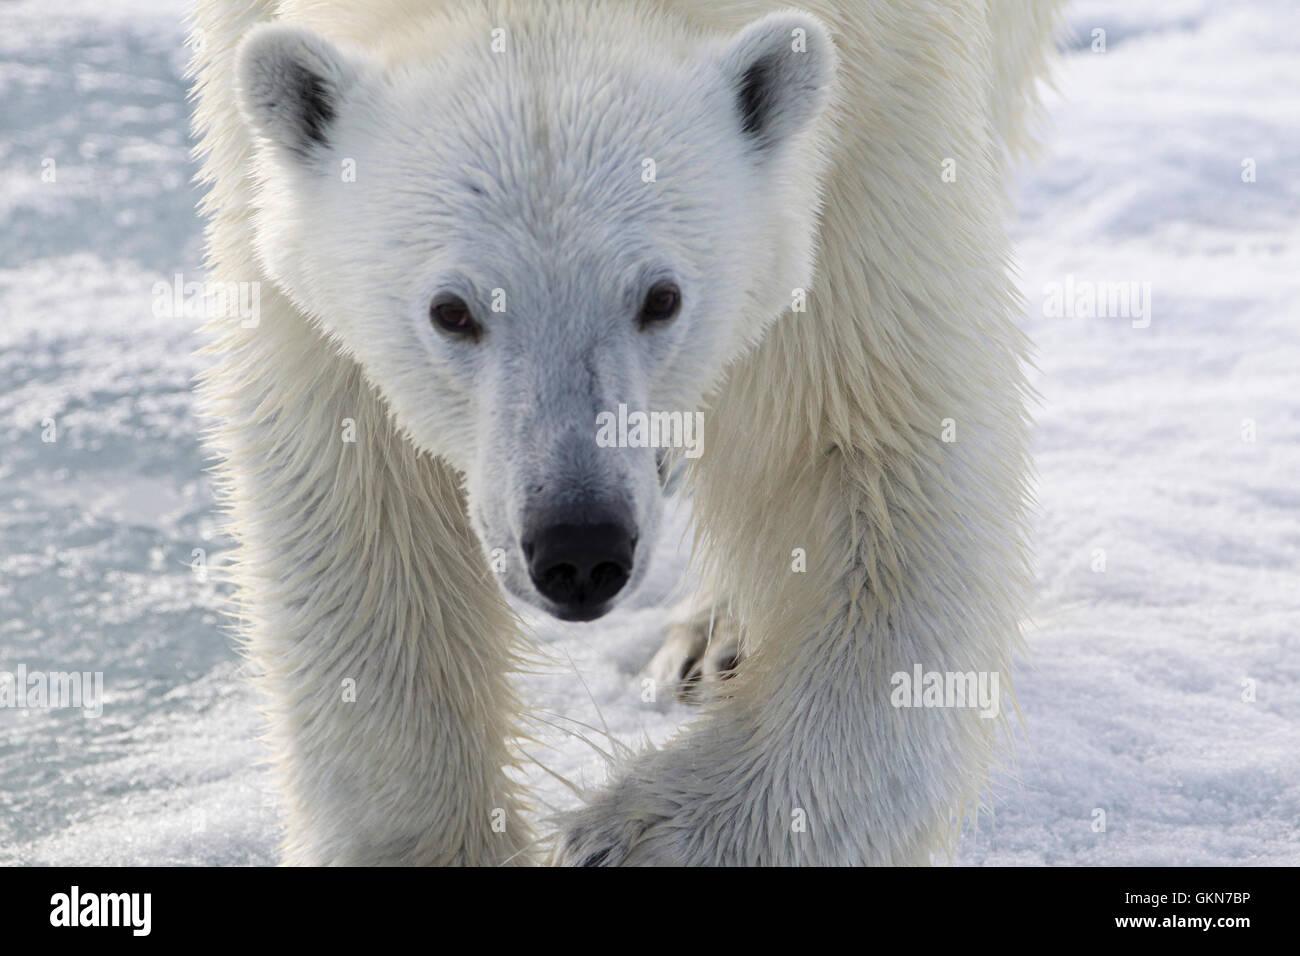 Cara de oso polar en cerrar Imagen De Stock